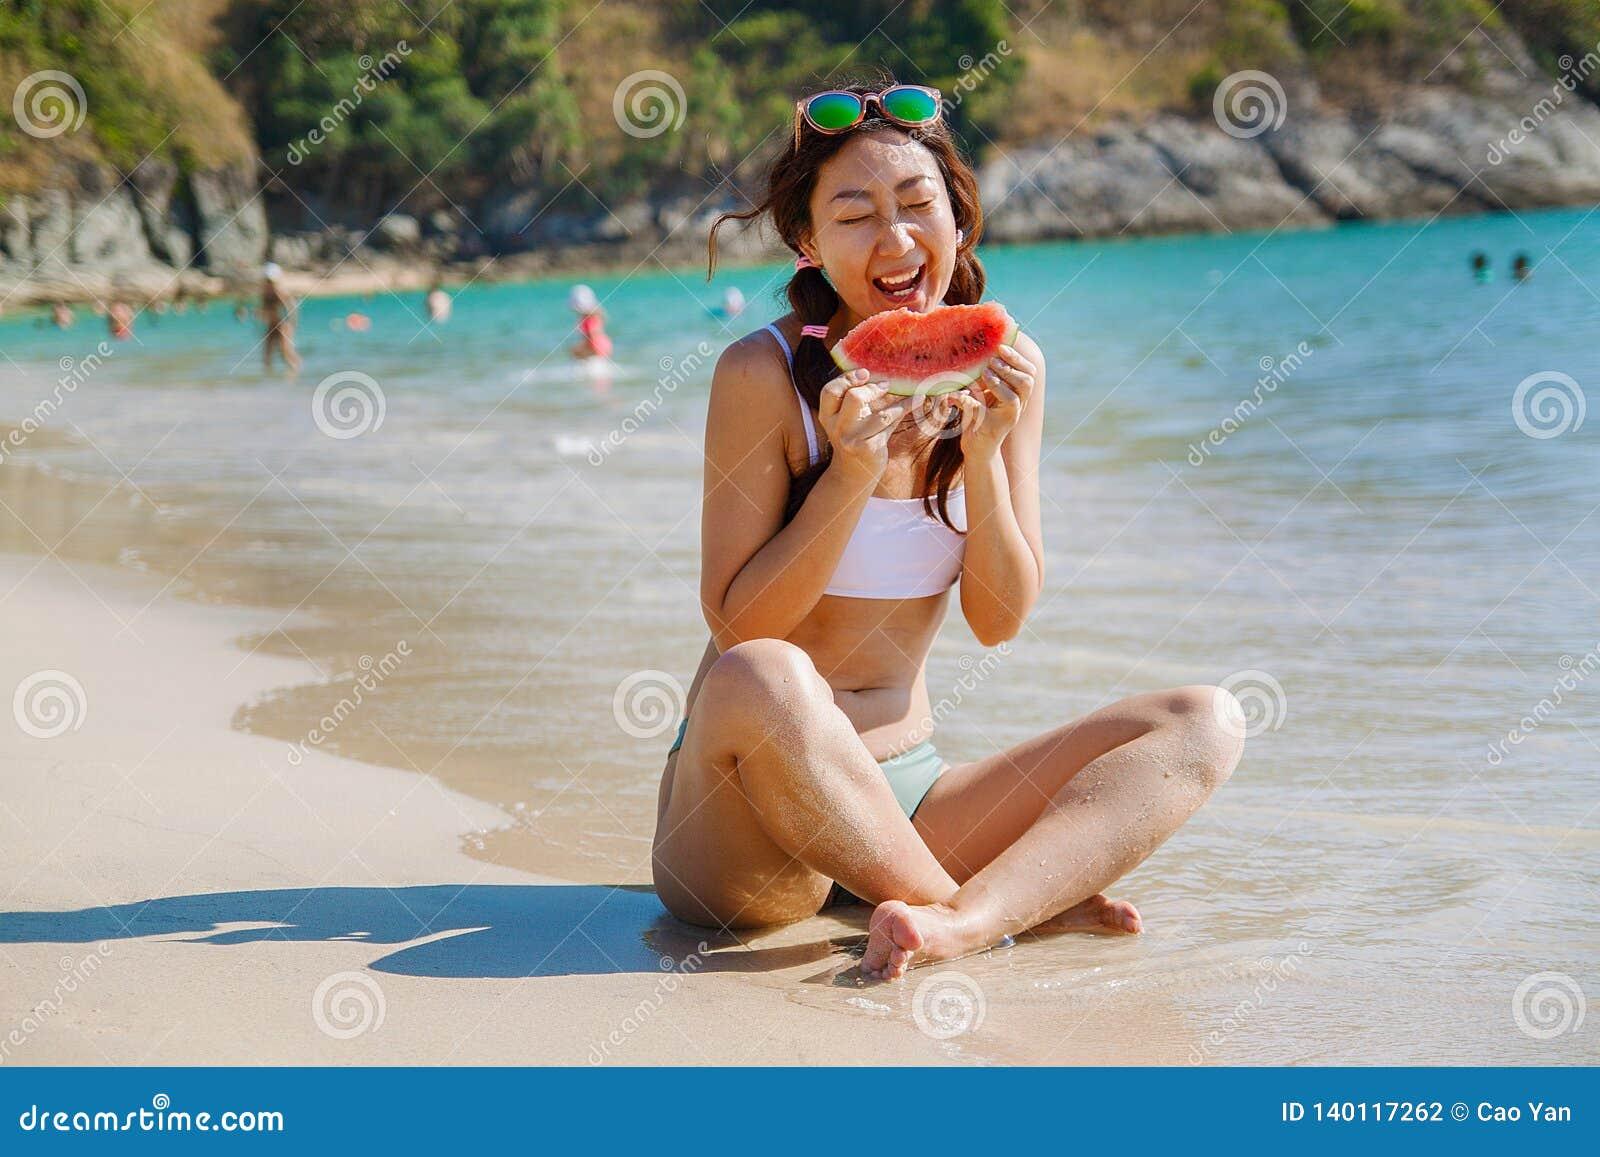 Καρπούζι υπό εξέταση ενάντια στη θάλασσα εννοιολογική φωτογραφία για το καλοκαίρι